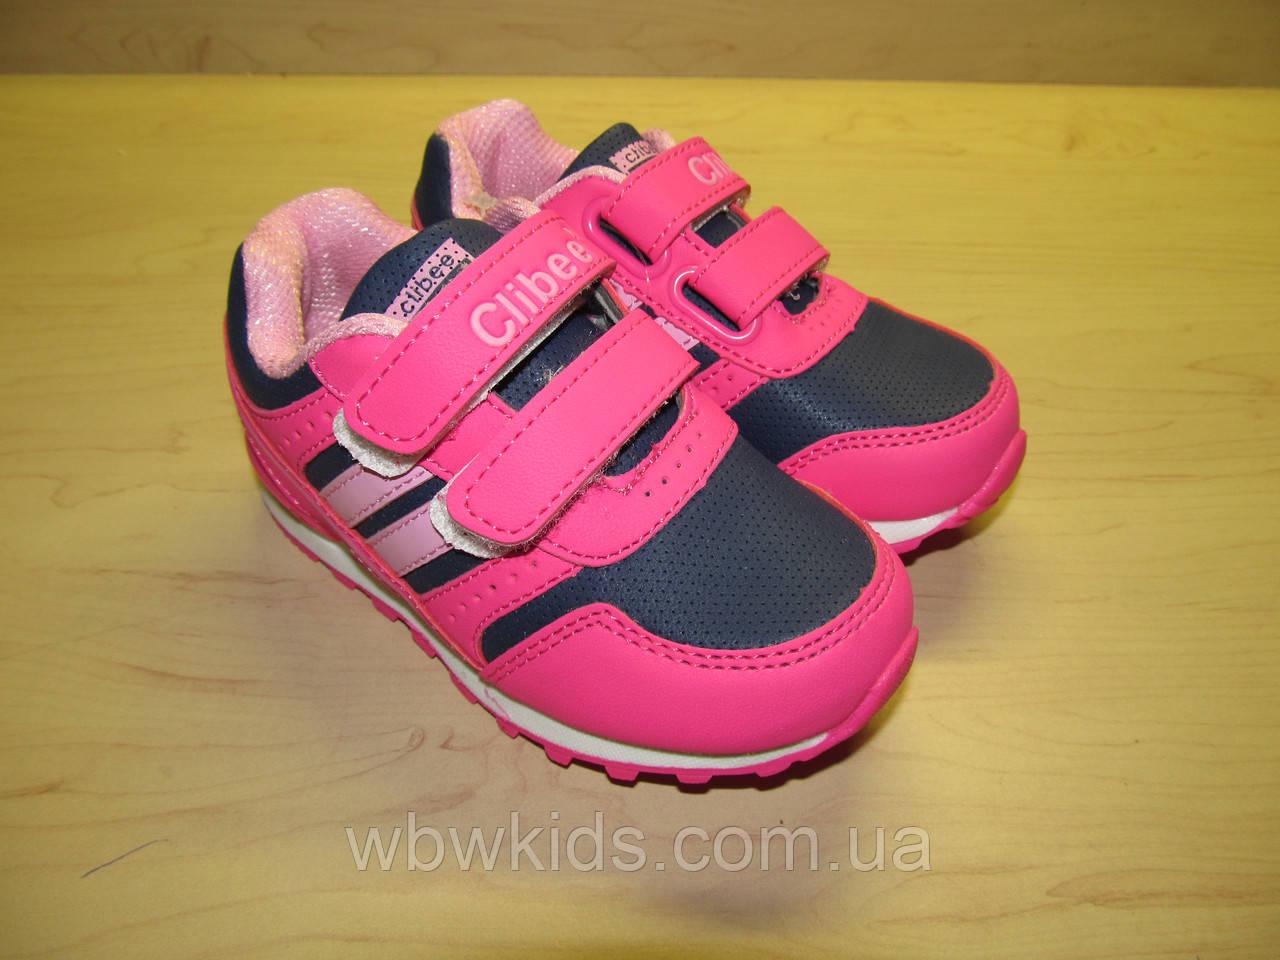 Кросівки Clibee F632 рожеві 23 р.  продажа 3b627300587c1